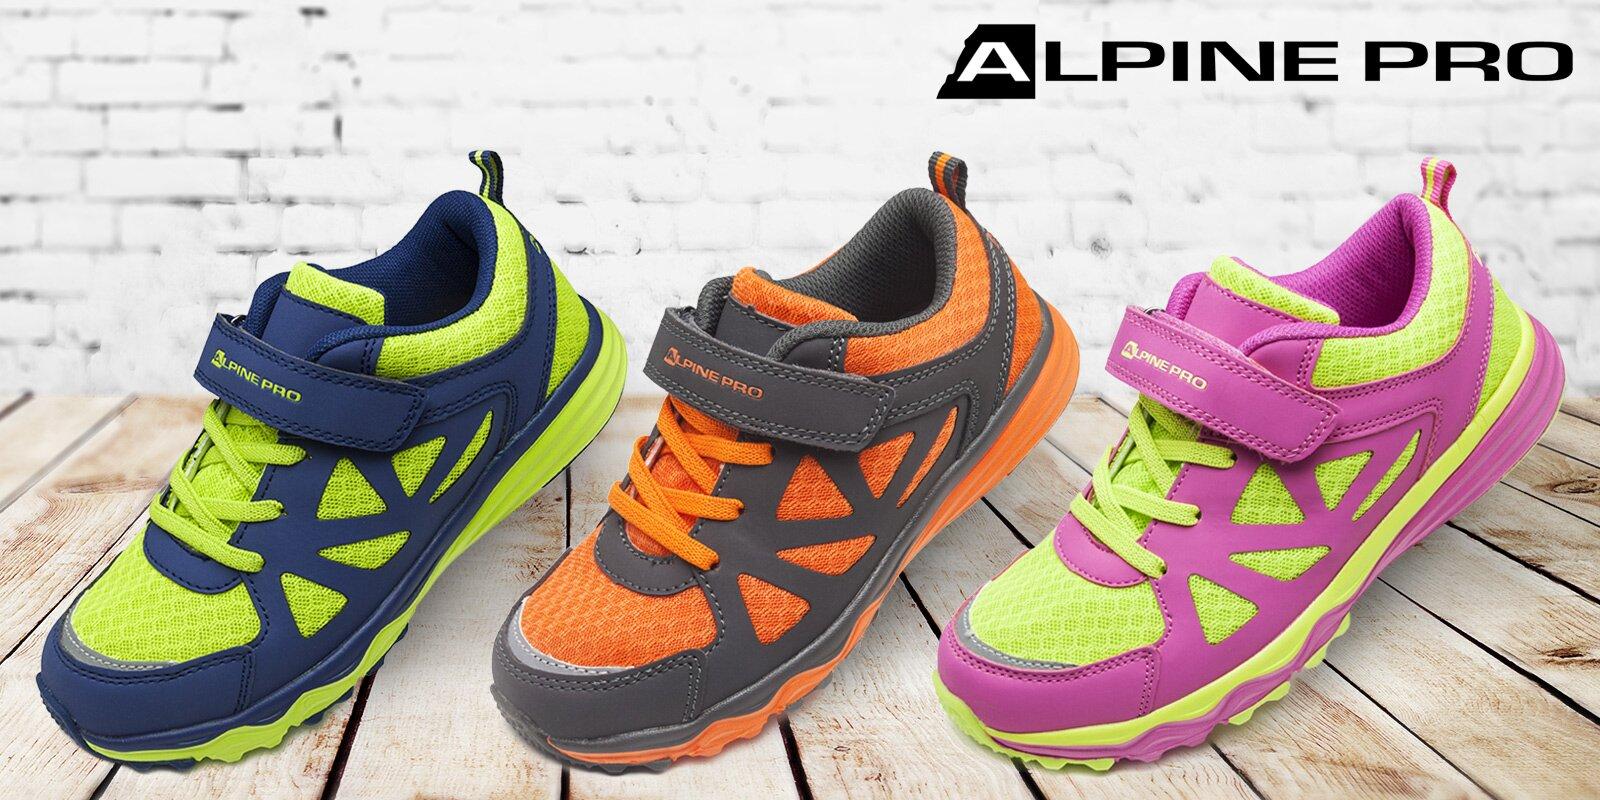 25248630a7f Dětské sportovní boty Alpine Pro na každý výlet